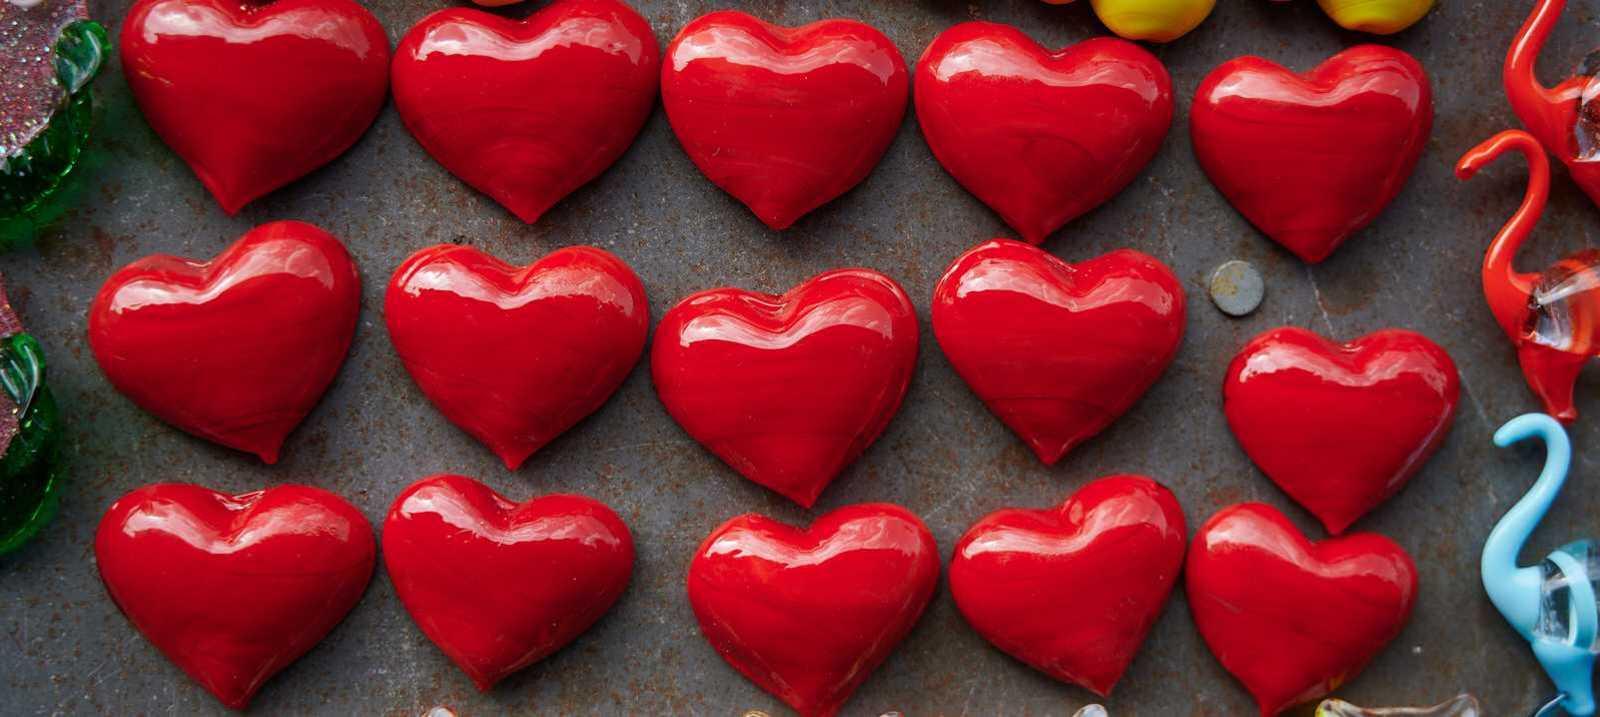 viele rote Herzen